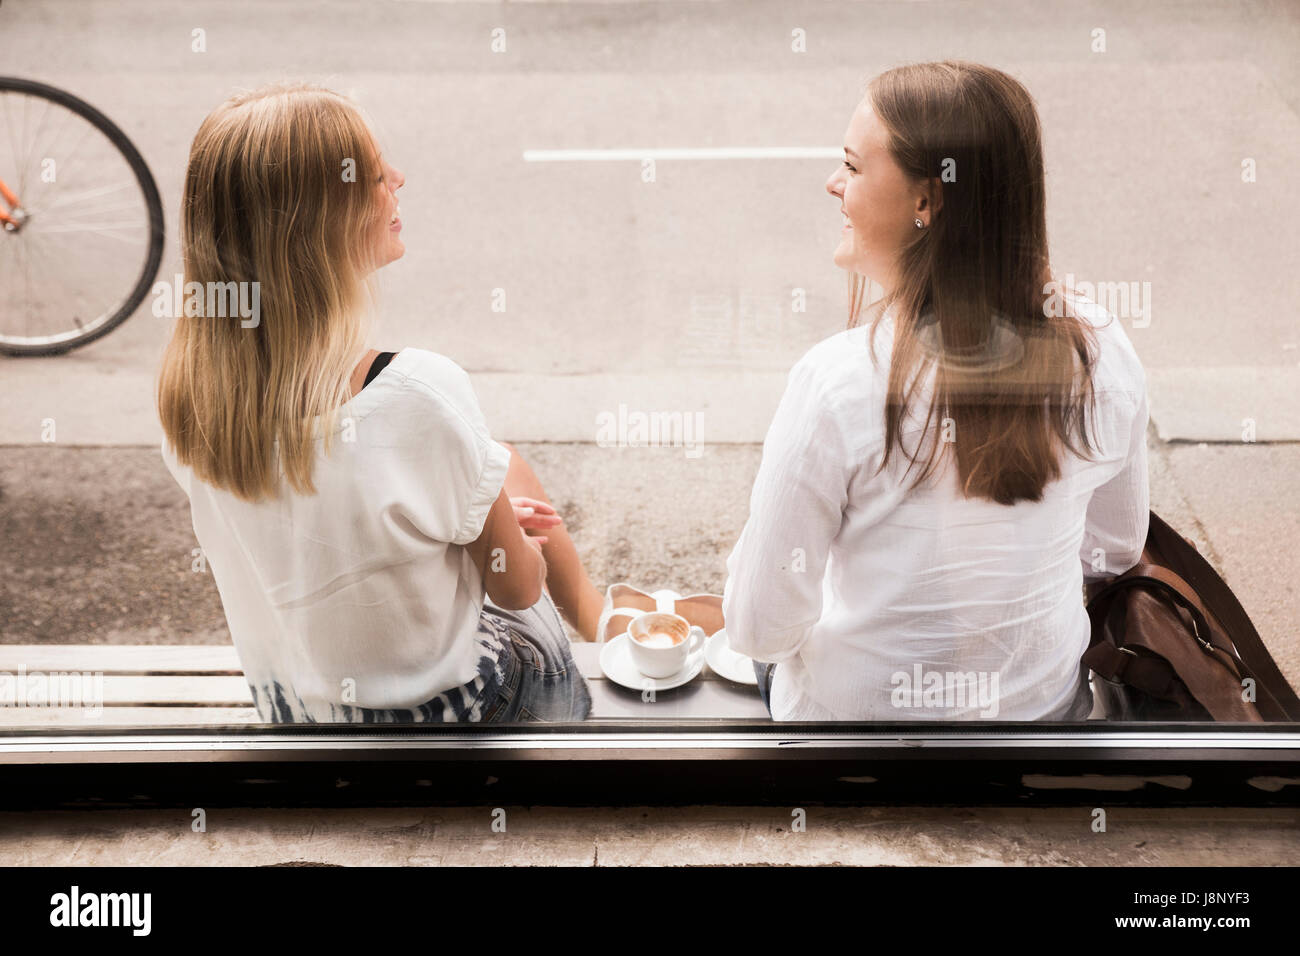 Les jeunes femmes parle en dehors de cafe Banque D'Images